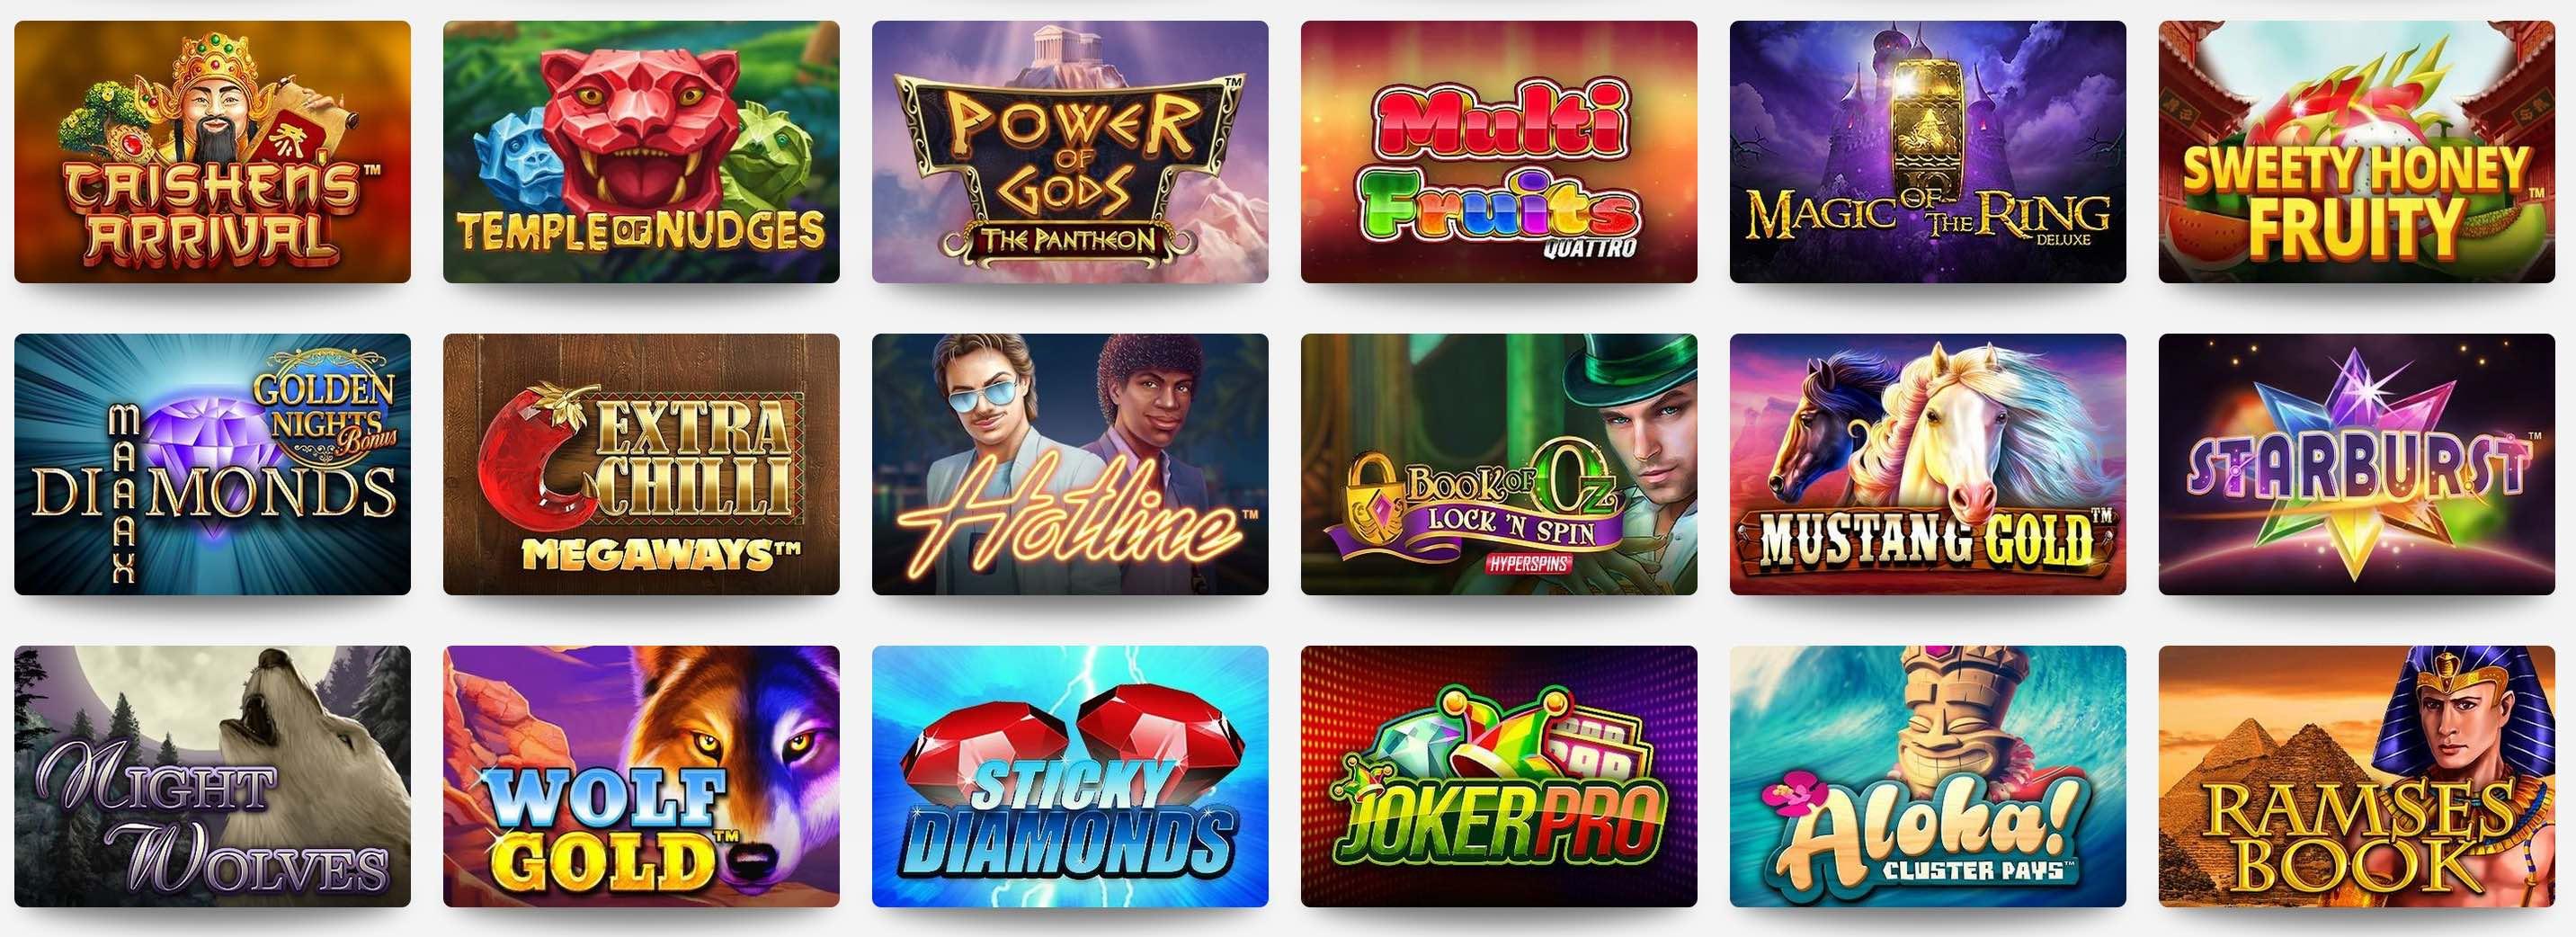 Casino Tischspiele und Spielautomaten Spiele